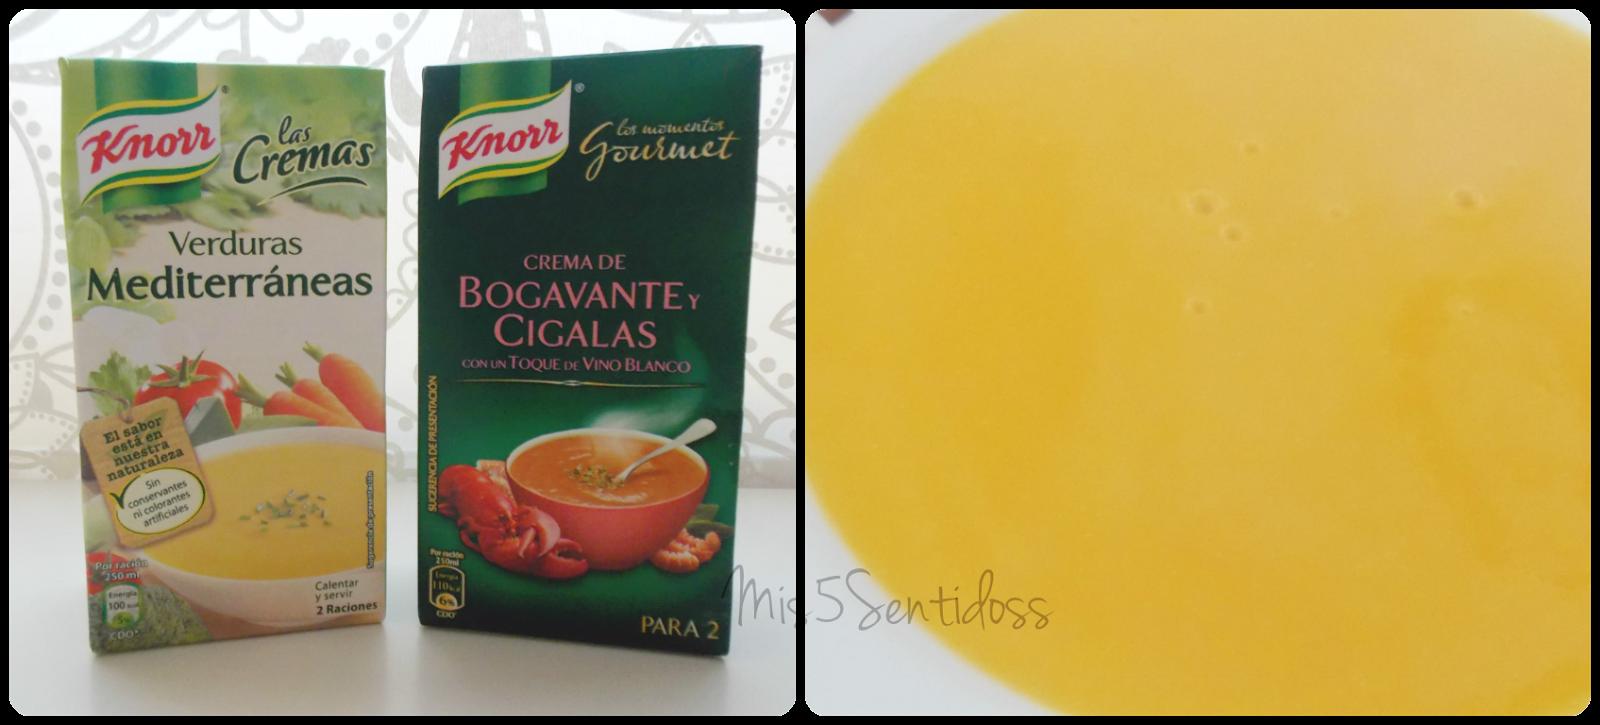 Degustabox Knorr crema de verduras mediterráneas y Bogavante